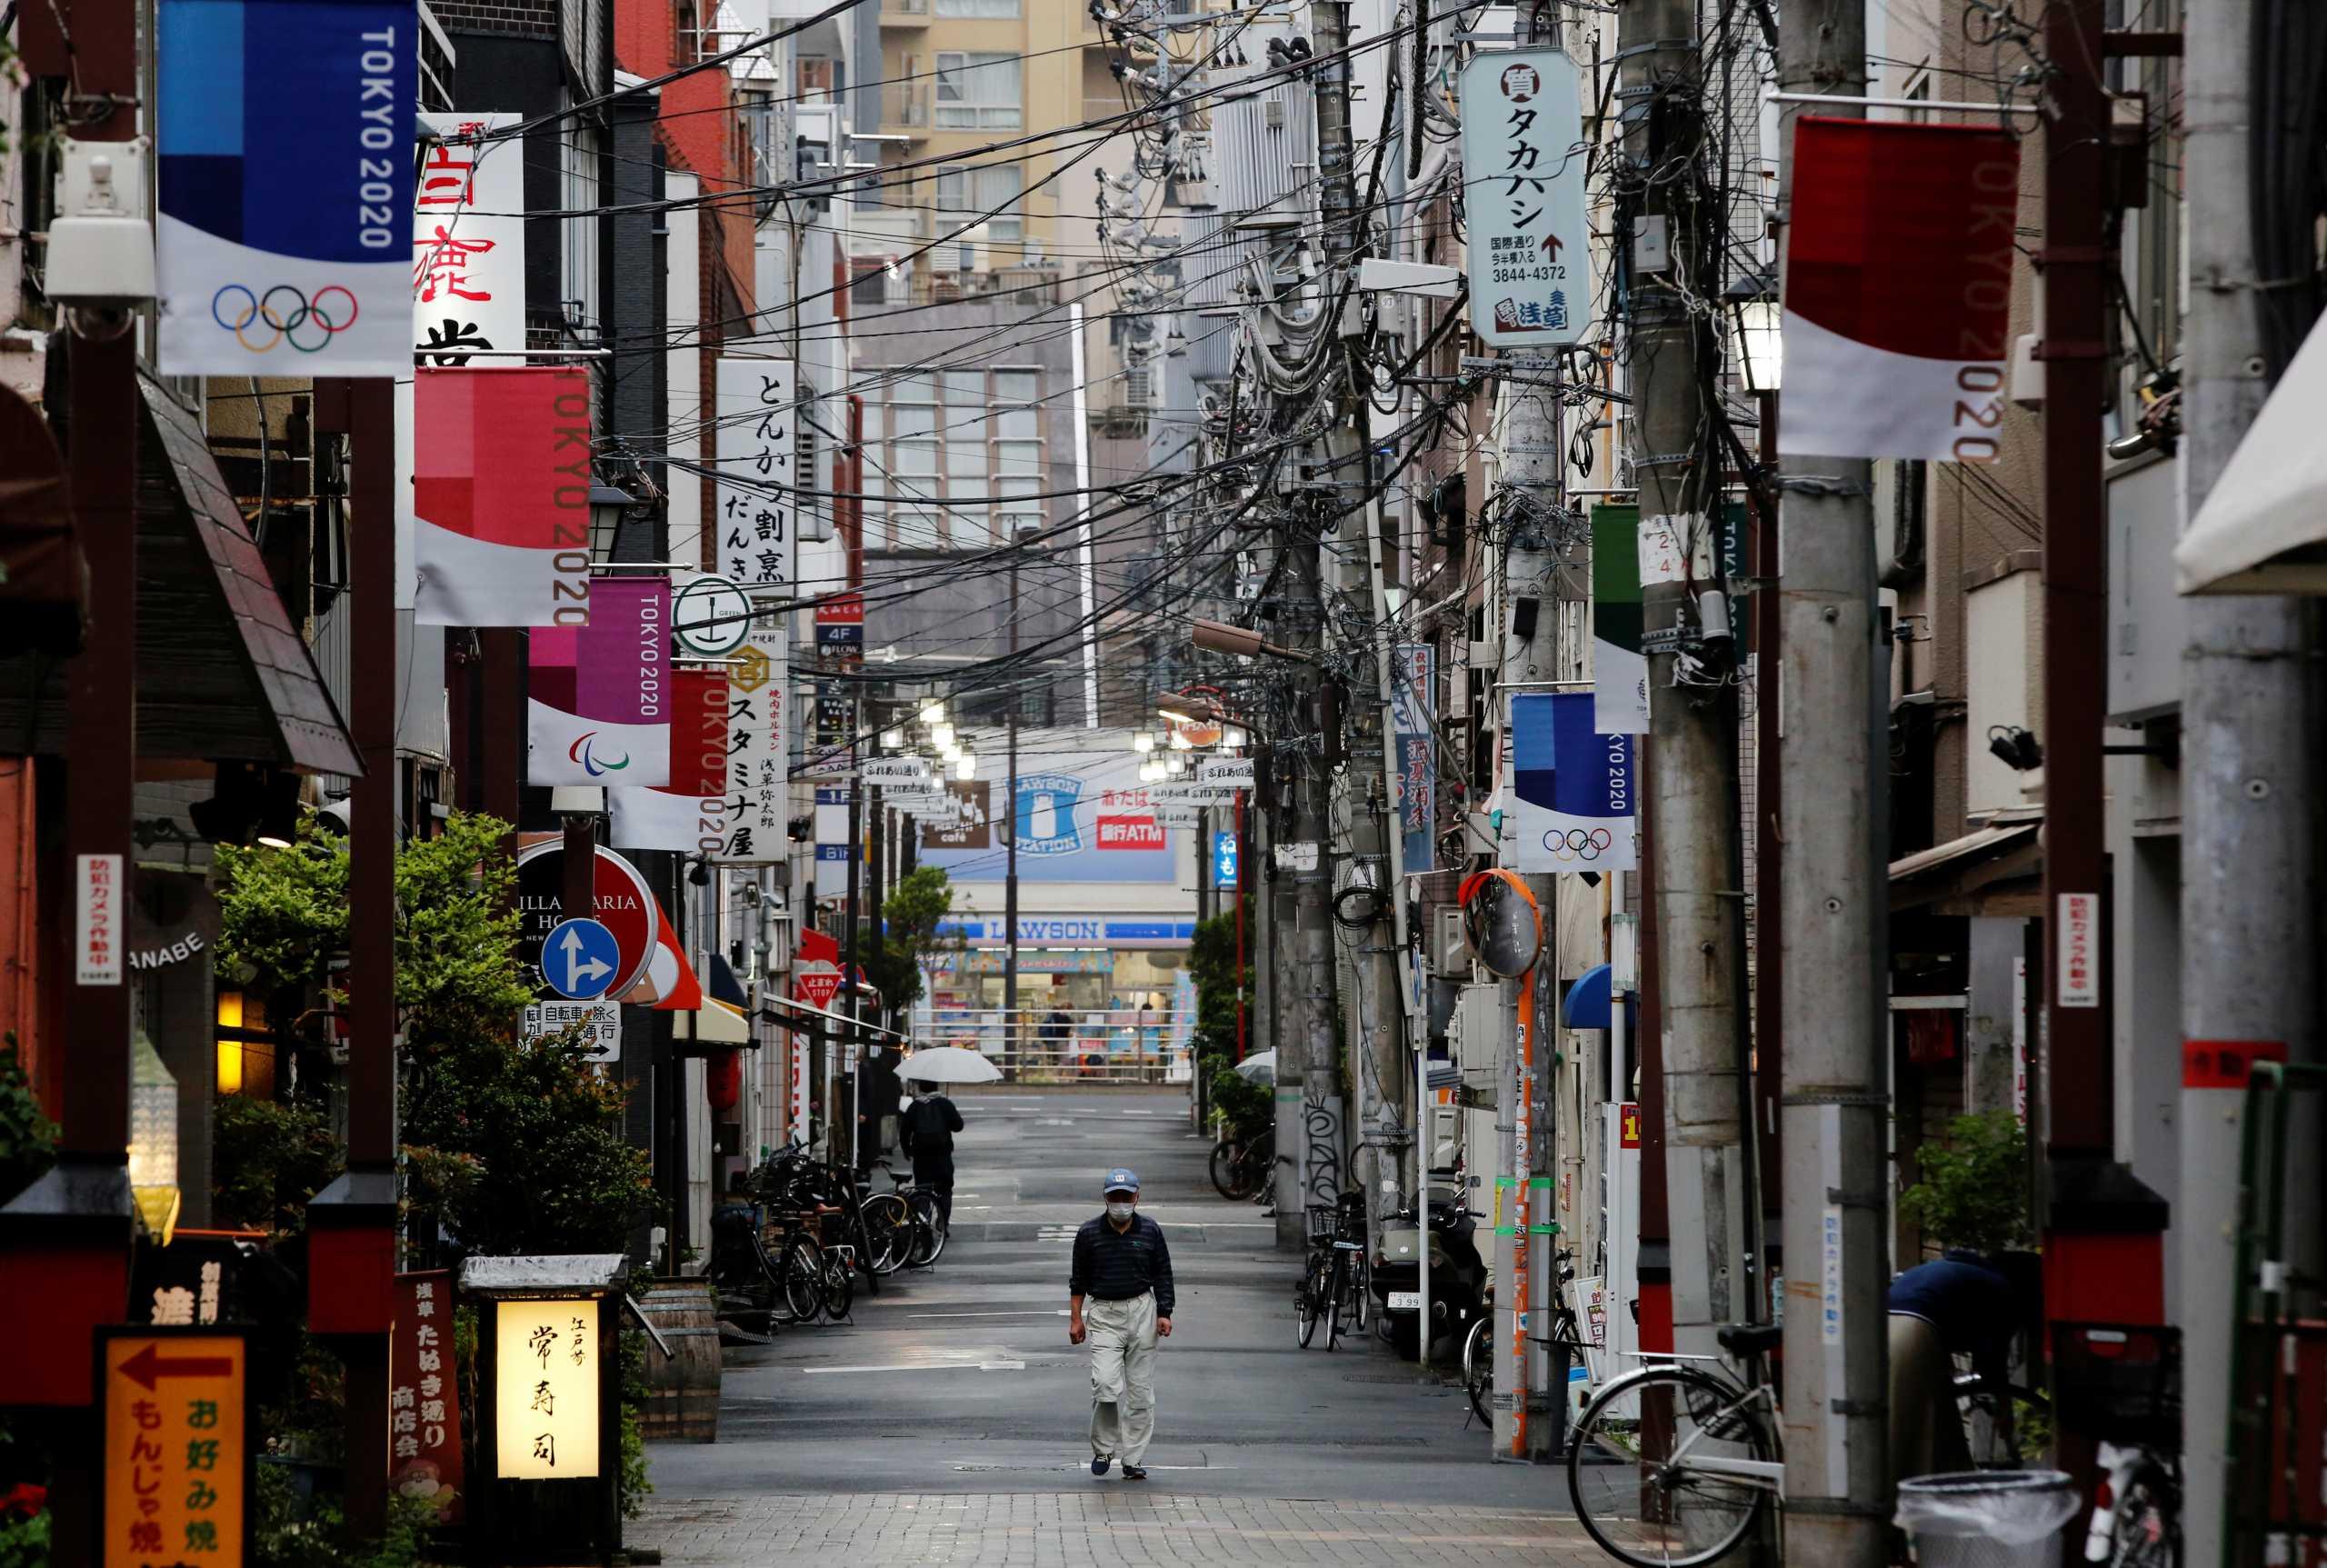 Ιαπωνία: Παρατείνονται τα περιοριστικά μέτρα για τον κορονοϊό μέχρι τέλη Μαΐου